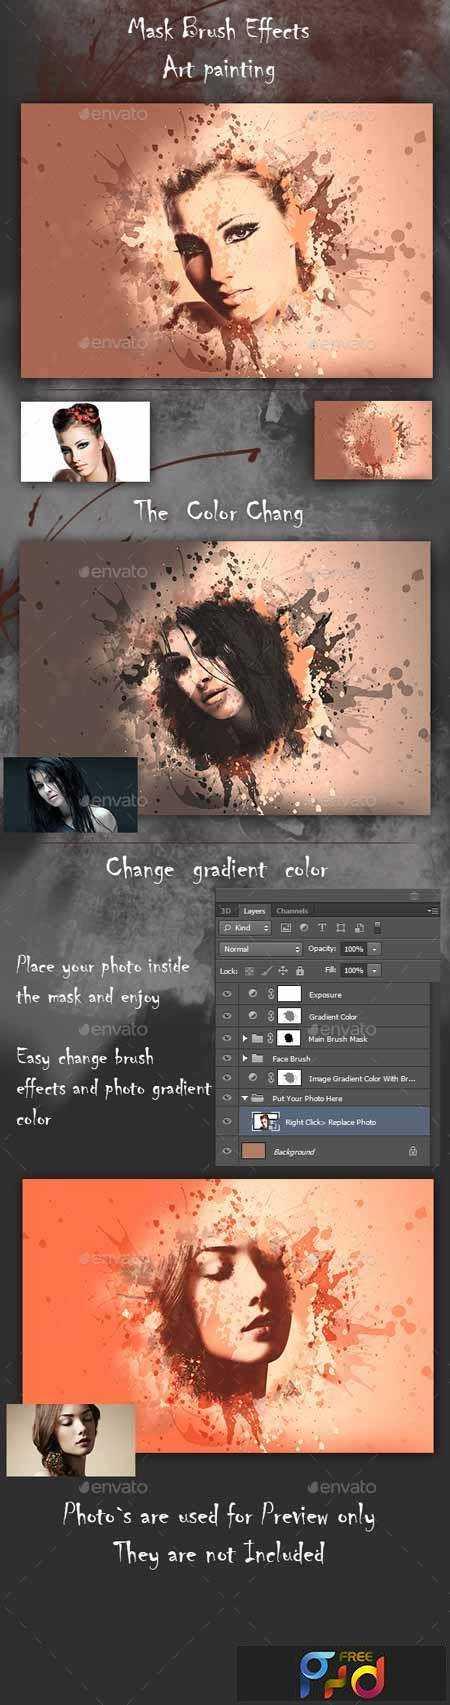 freepsdvn-com_1445836572_artistic-brush-photo-frame-13335958